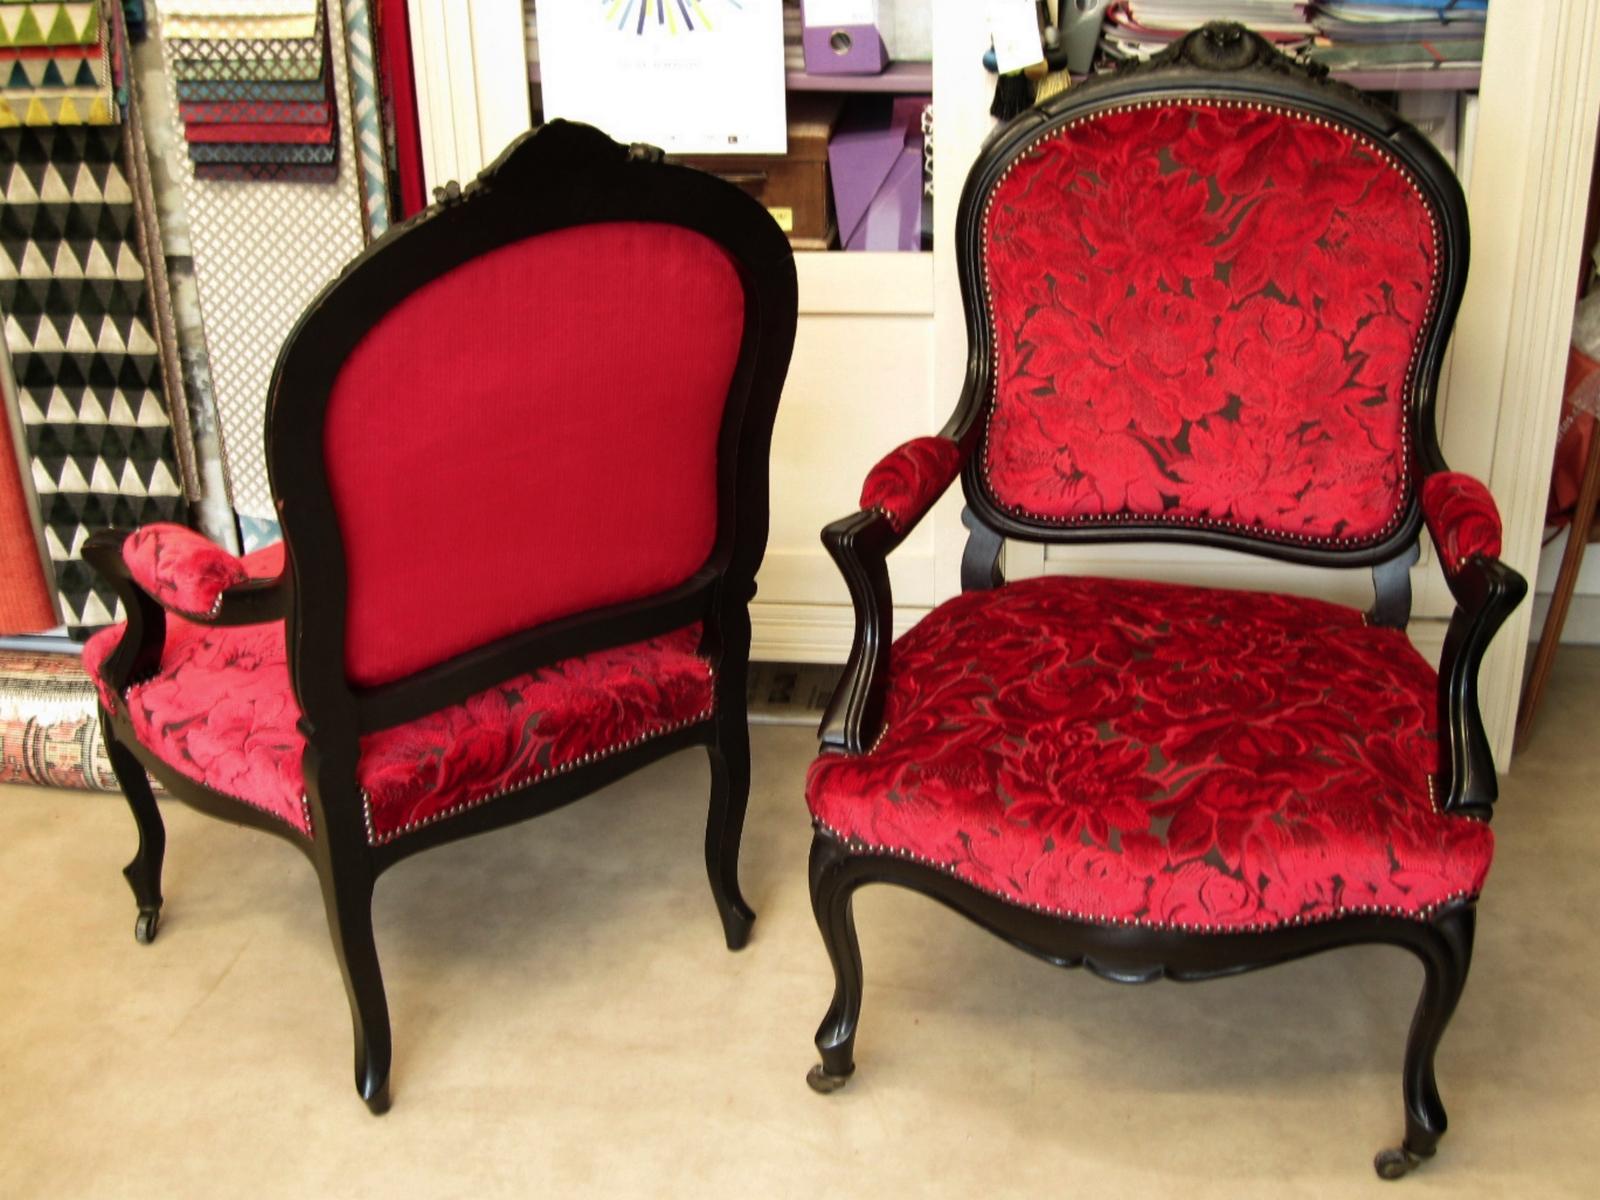 Fauteuils Napoléon III - restaurés